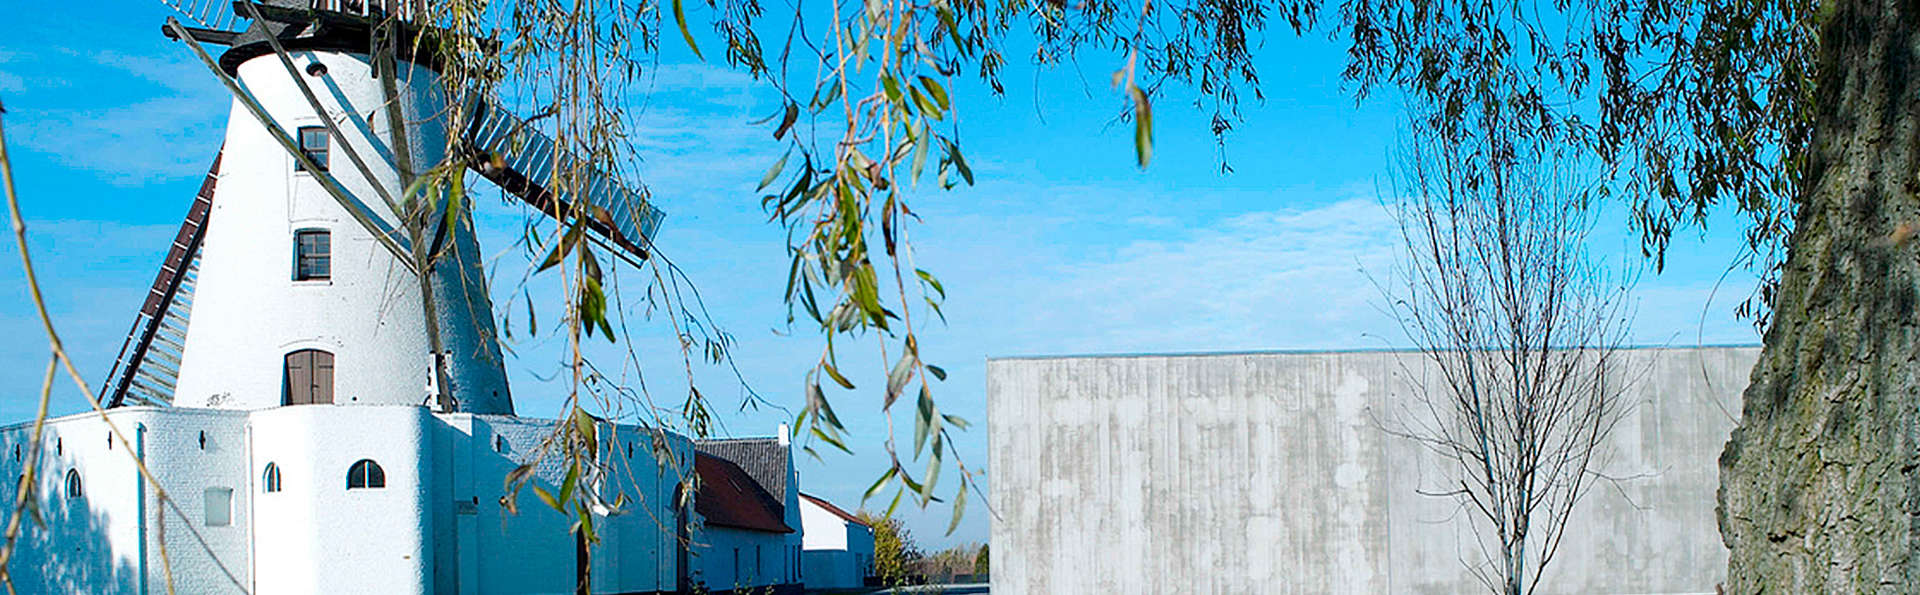 d-hotel Kortrijk - edit_front9022.jpg